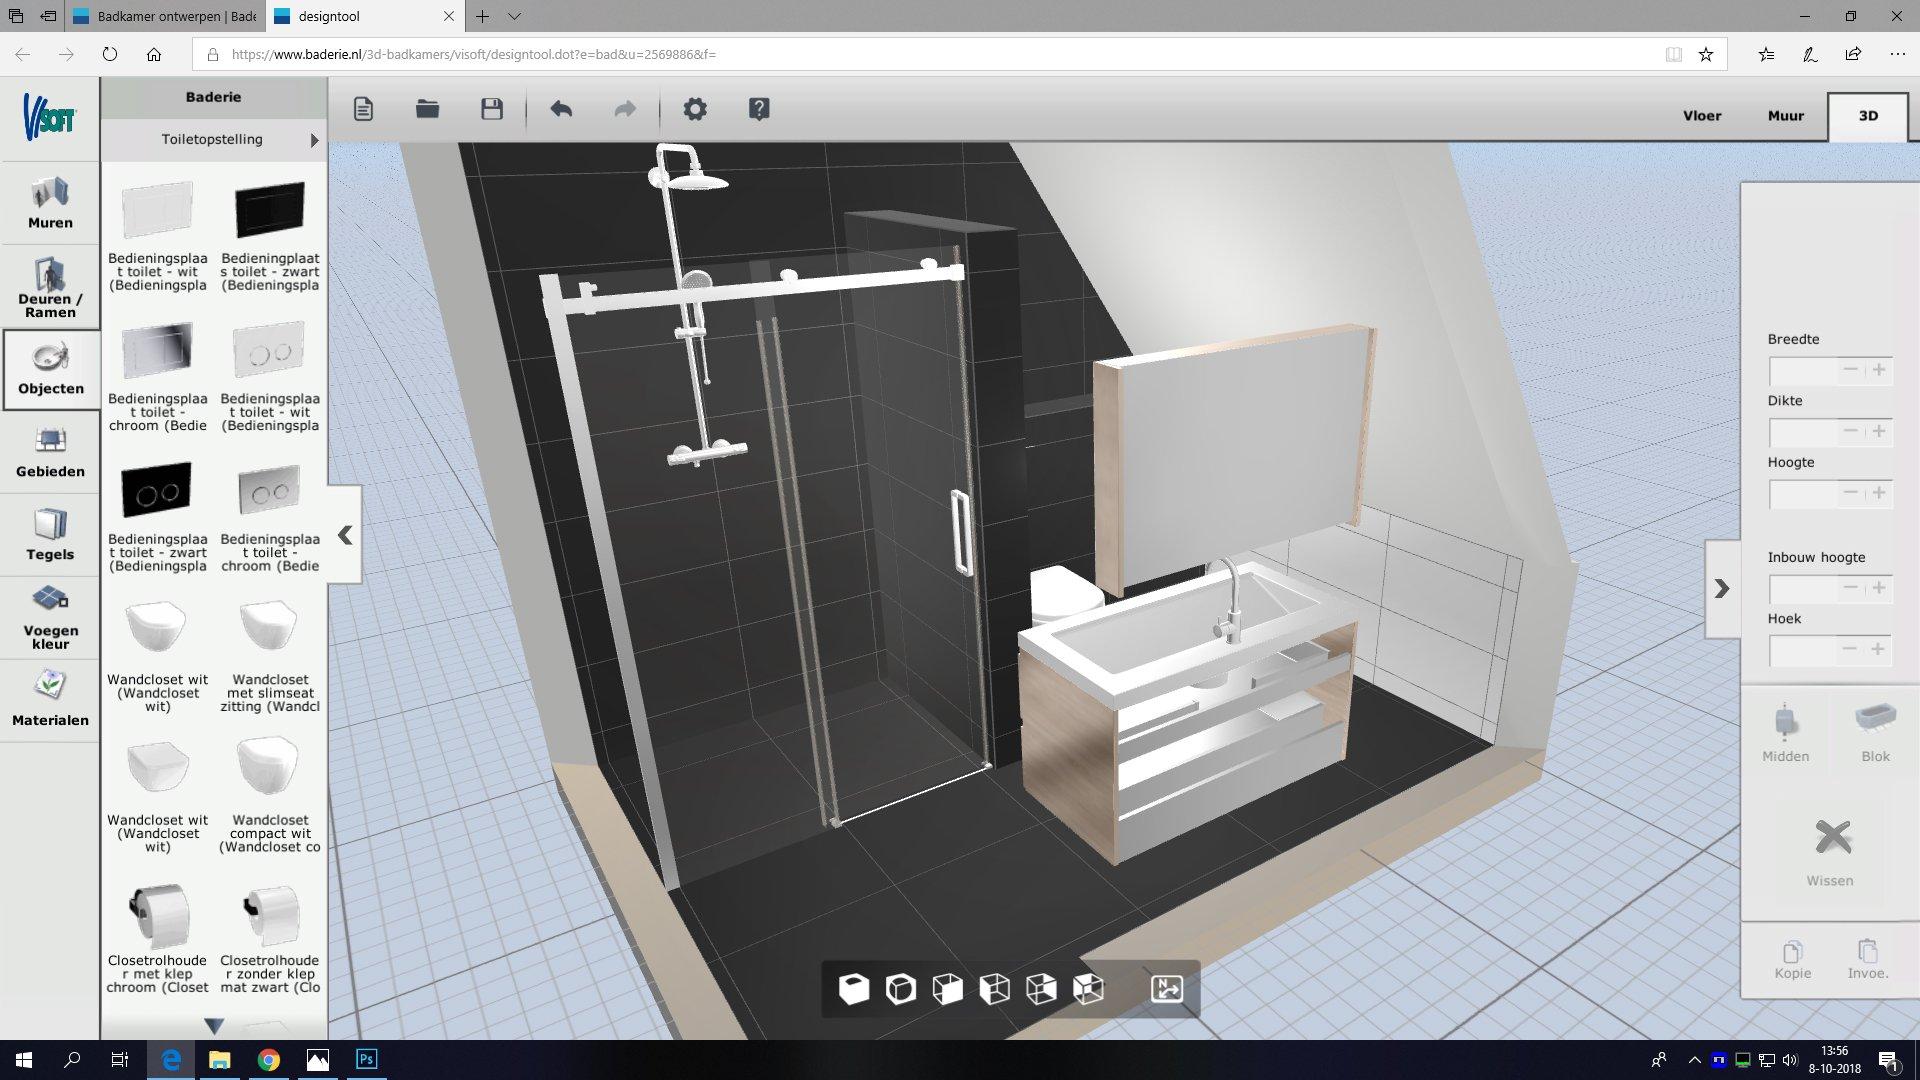 Breedte Toilet Badkamer : Badkamer m werkspot